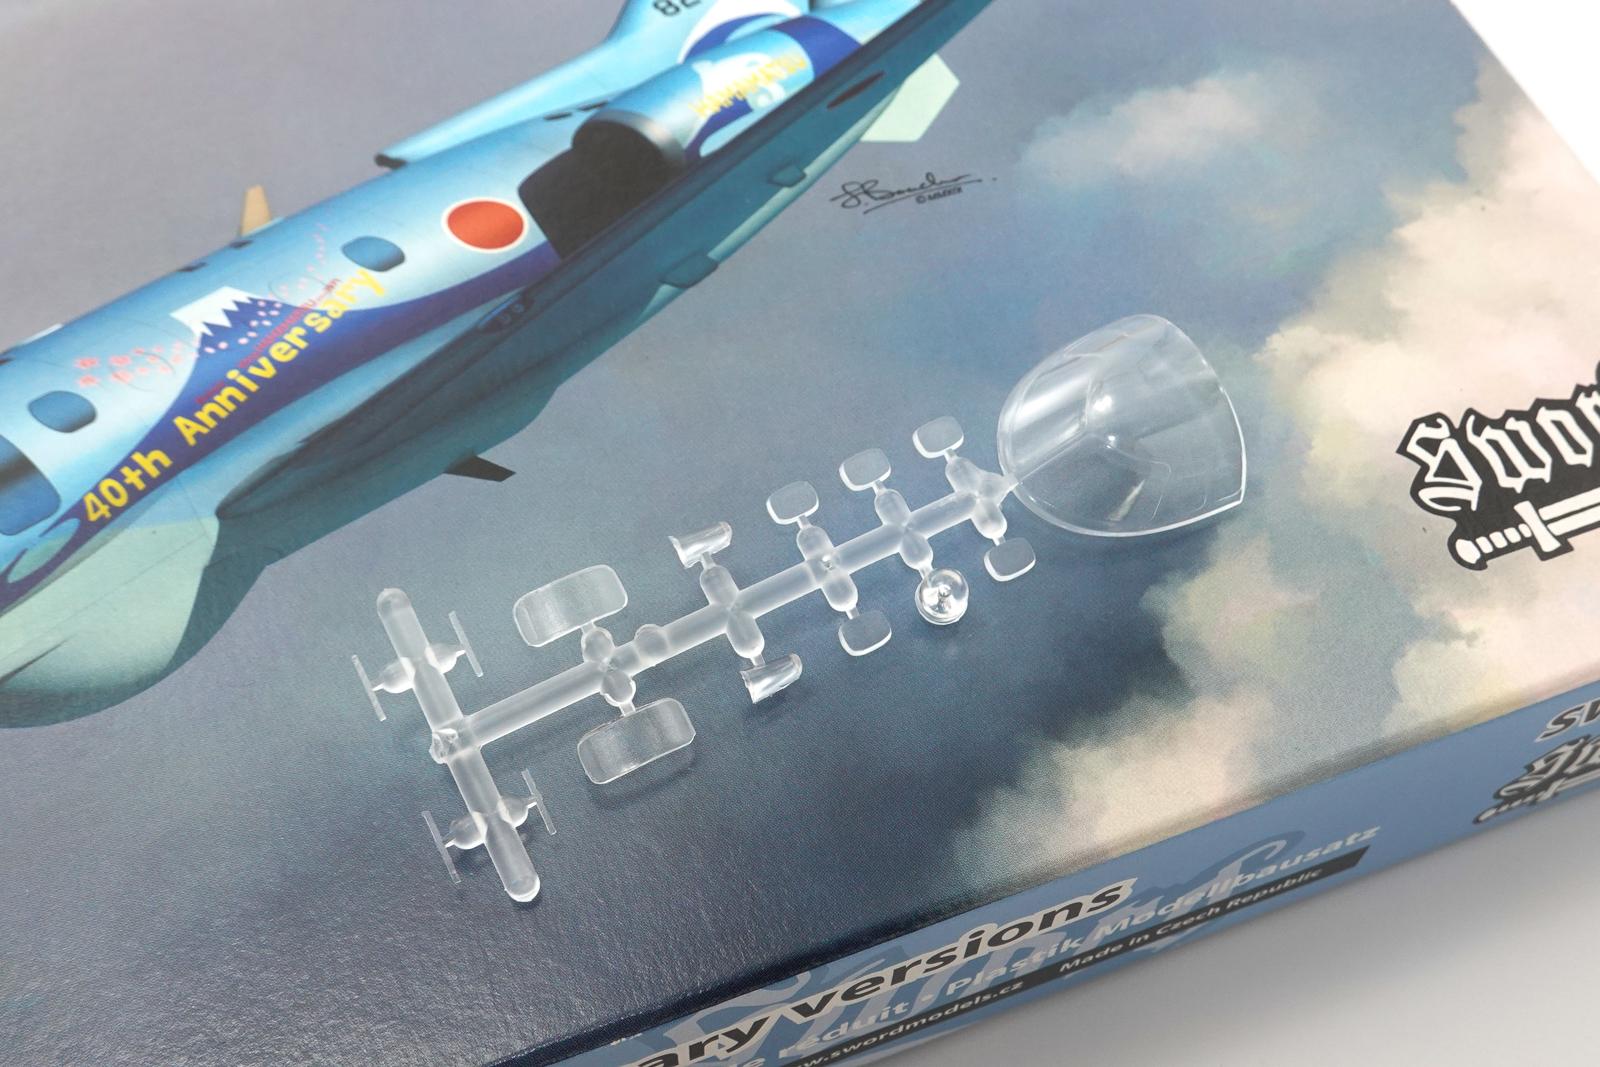 ソード 1/72 航空自衛隊 U-125 プラモデル クリアーパーツ